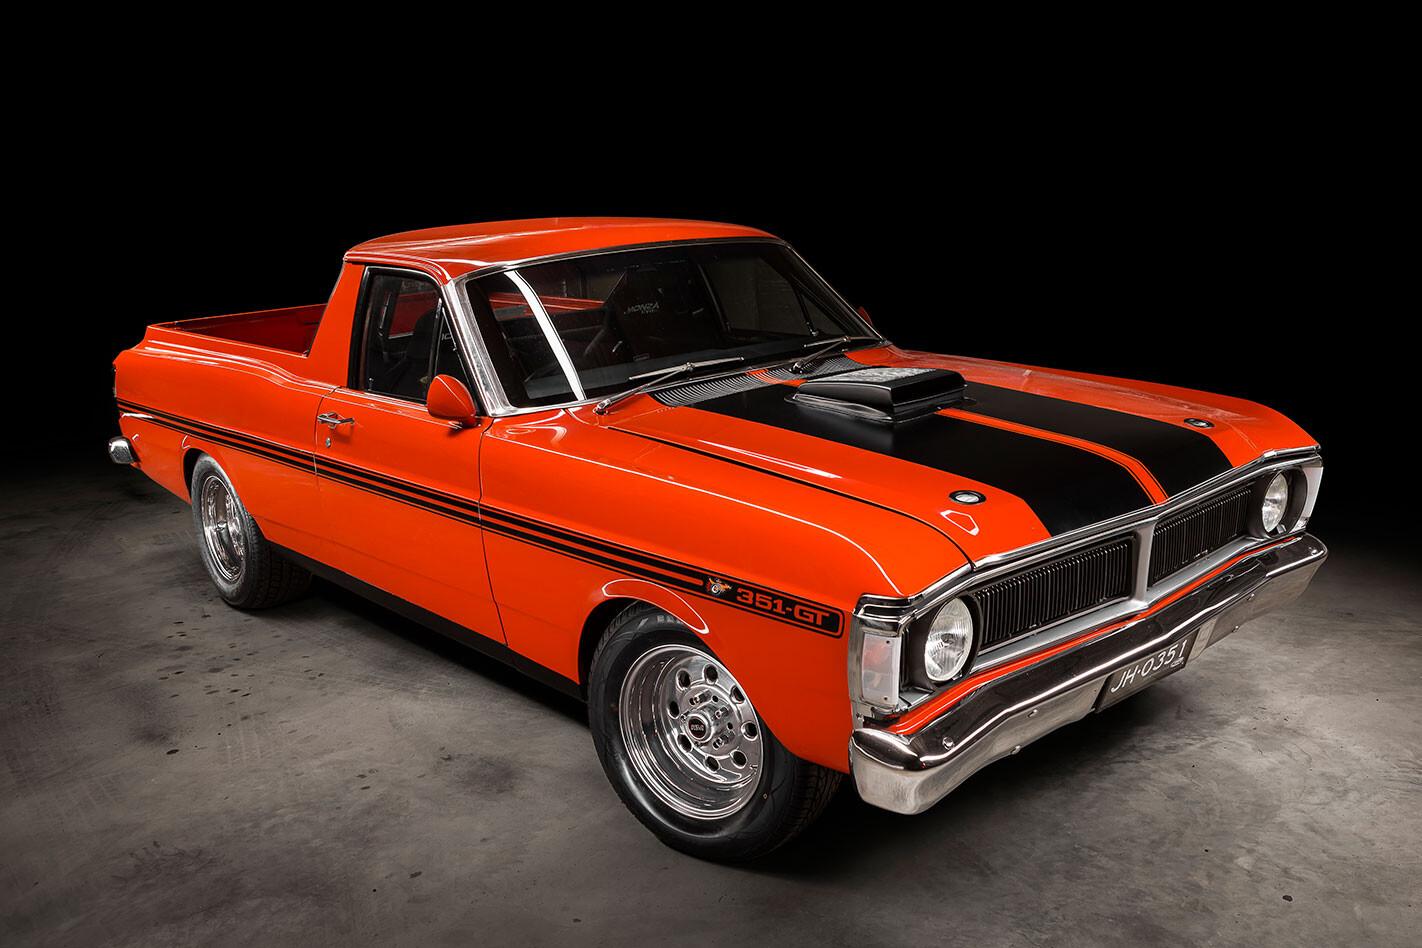 Ford Falcon XW ute